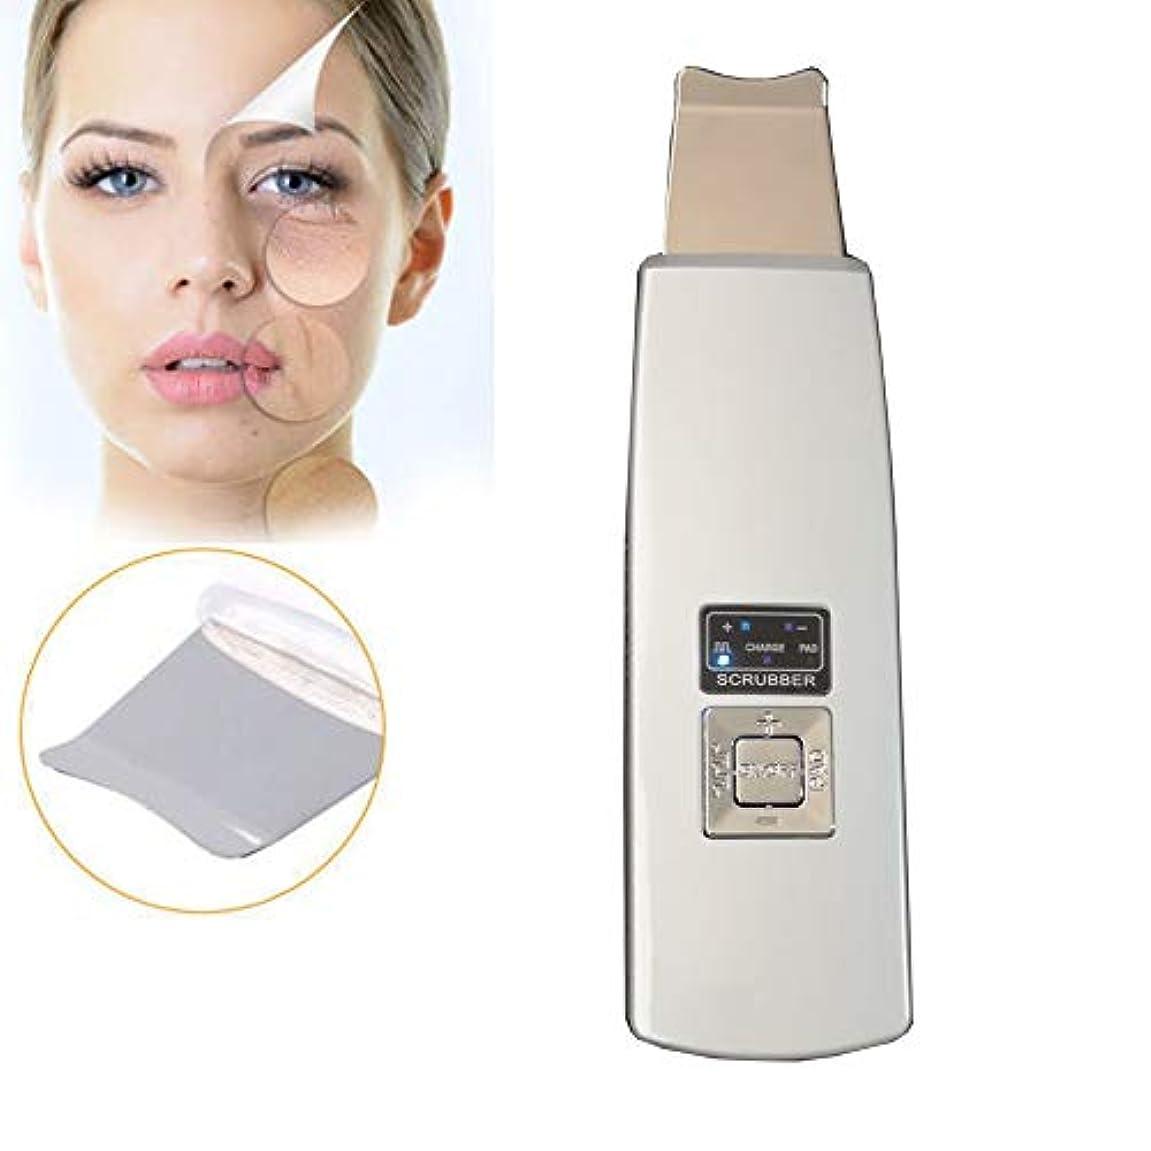 該当する熟考する作家顔の皮膚のスクラバー、ポータブル?フェイシャル超音波超音波イオンスキンケアスクラバーデバイス美容機は、ブラックヘッド面皰死んだ皮膚の除去を削除する方法